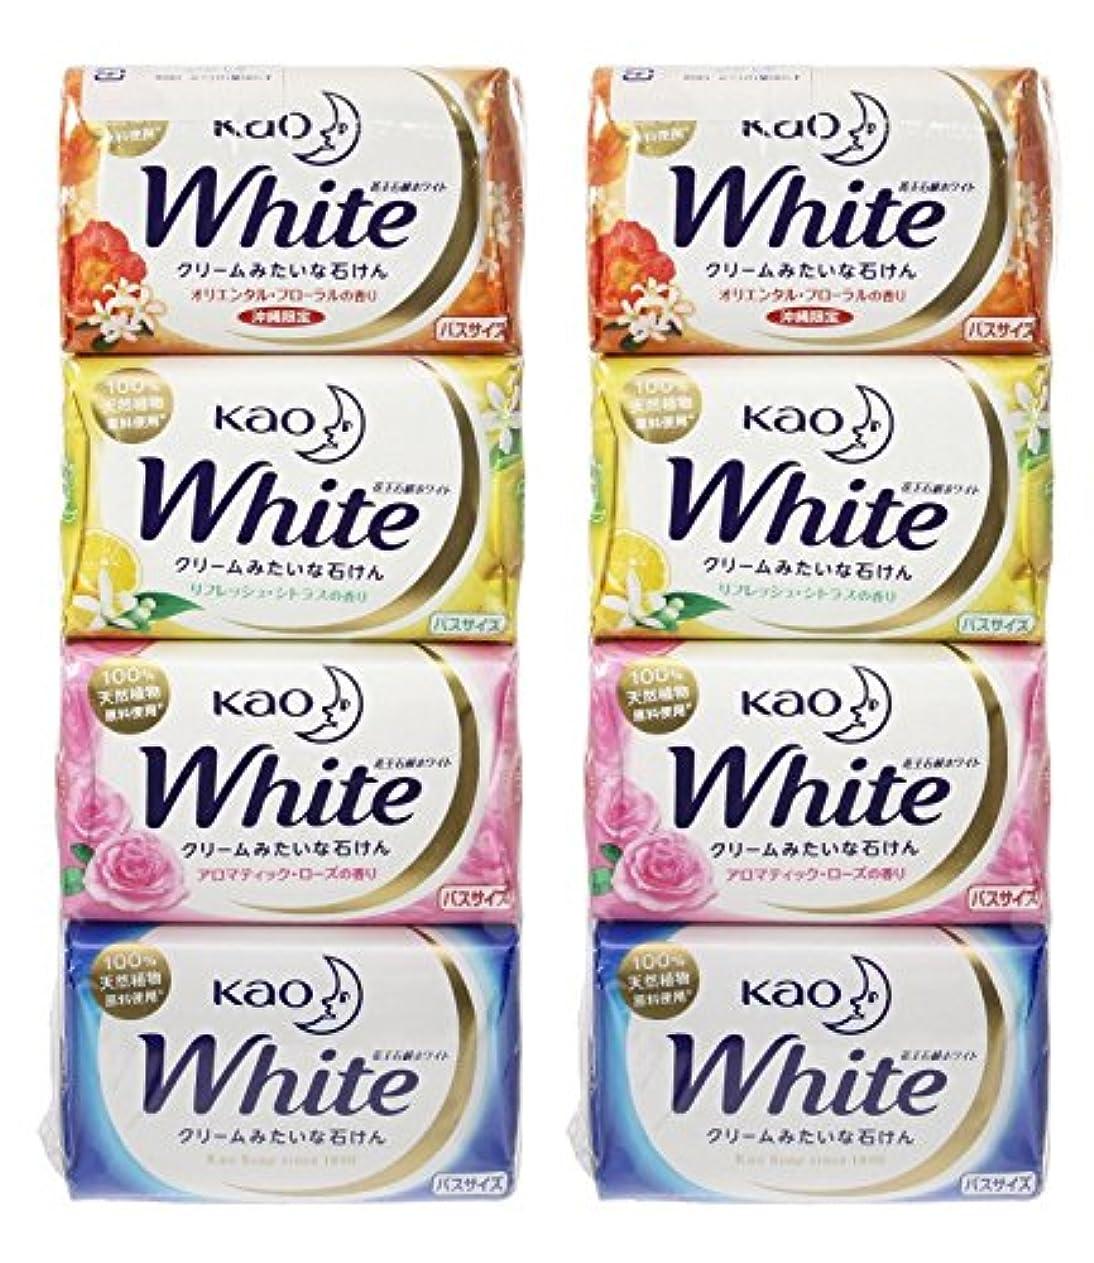 カリング行為スティック花王ホワイト 香りアソートパック バス12個×2